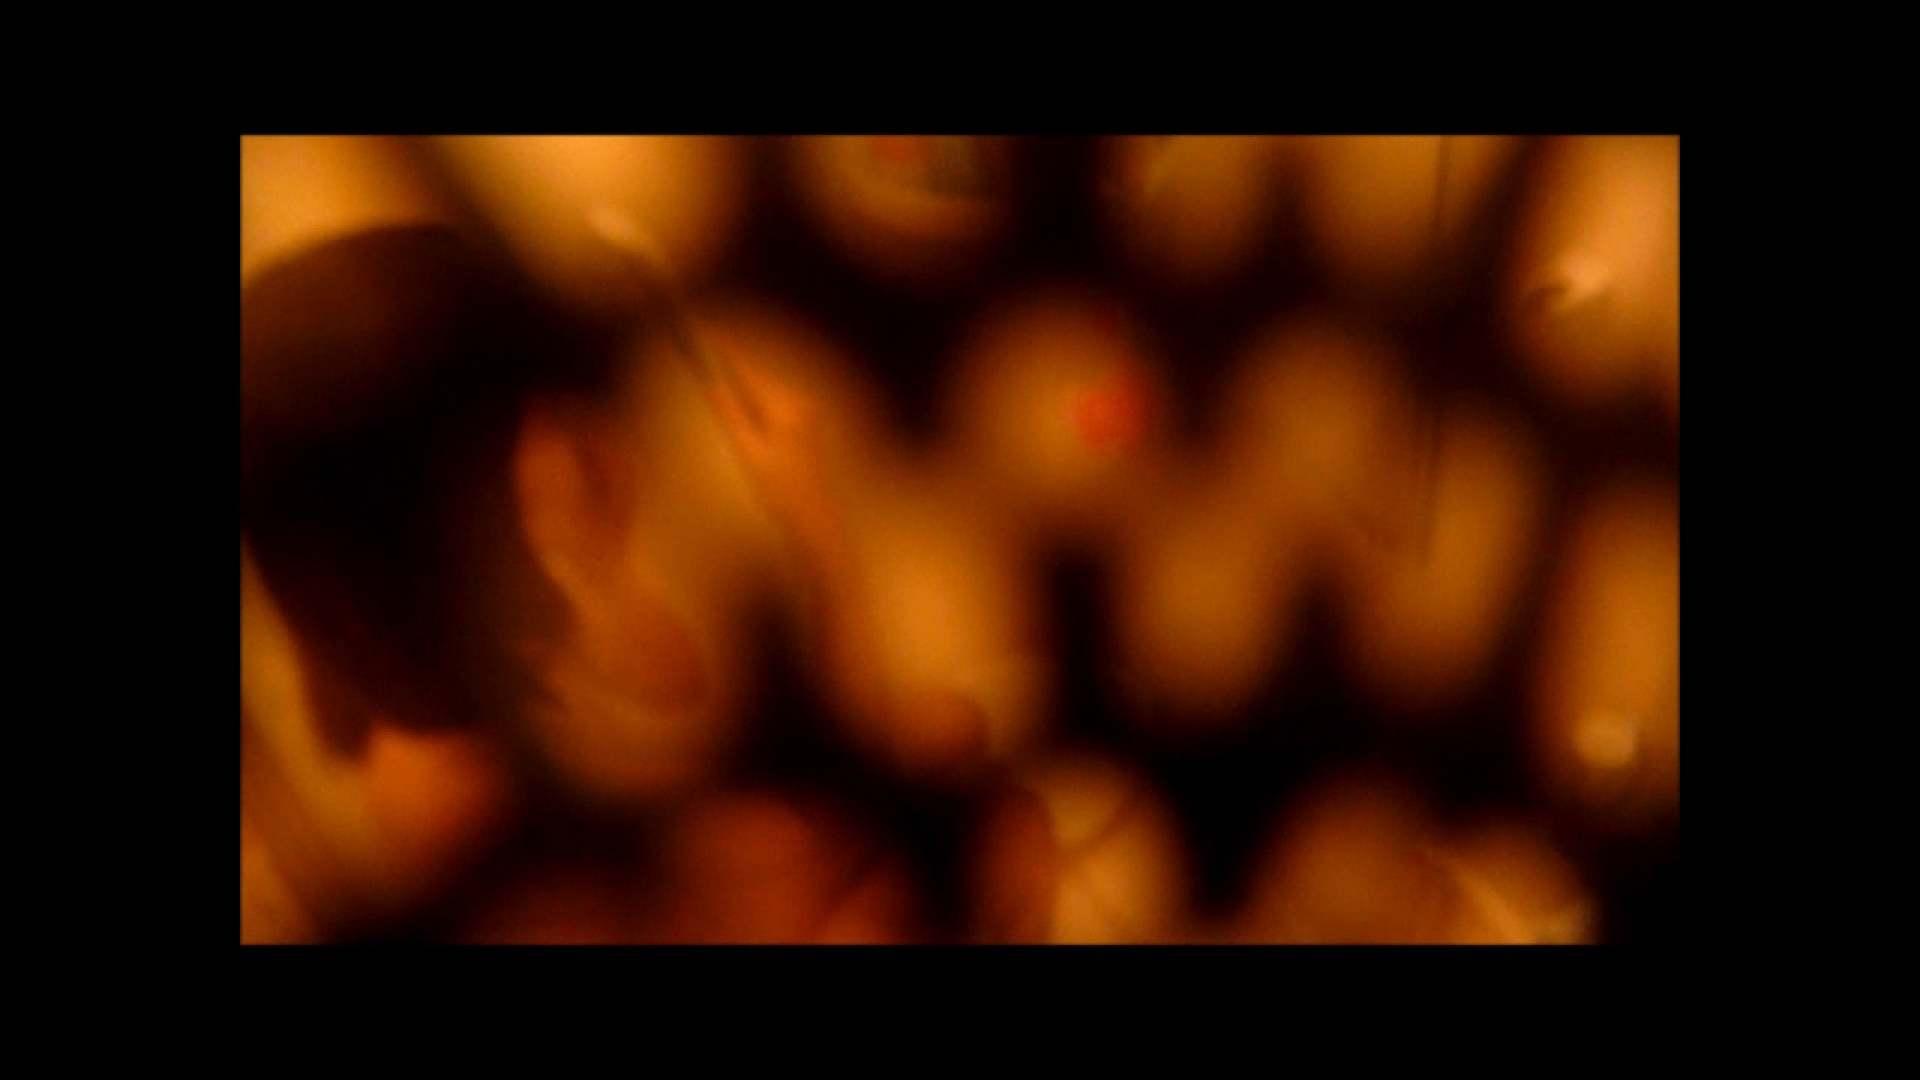 【02】ベランダに侵入して張り込みを始めて・・・やっと結果が出ました。 覗き ヌード画像 79pic 54